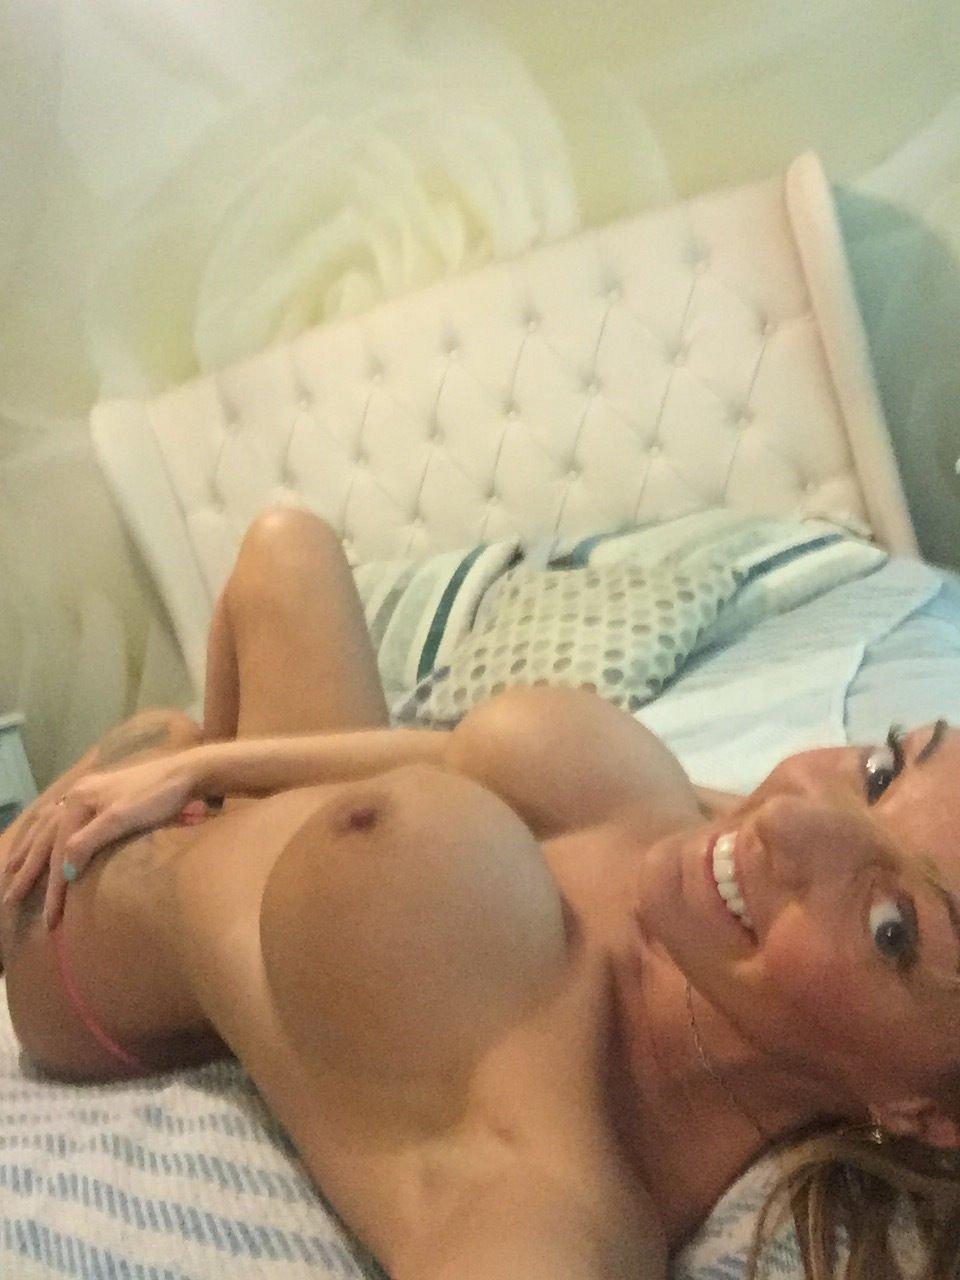 stacey saran nude